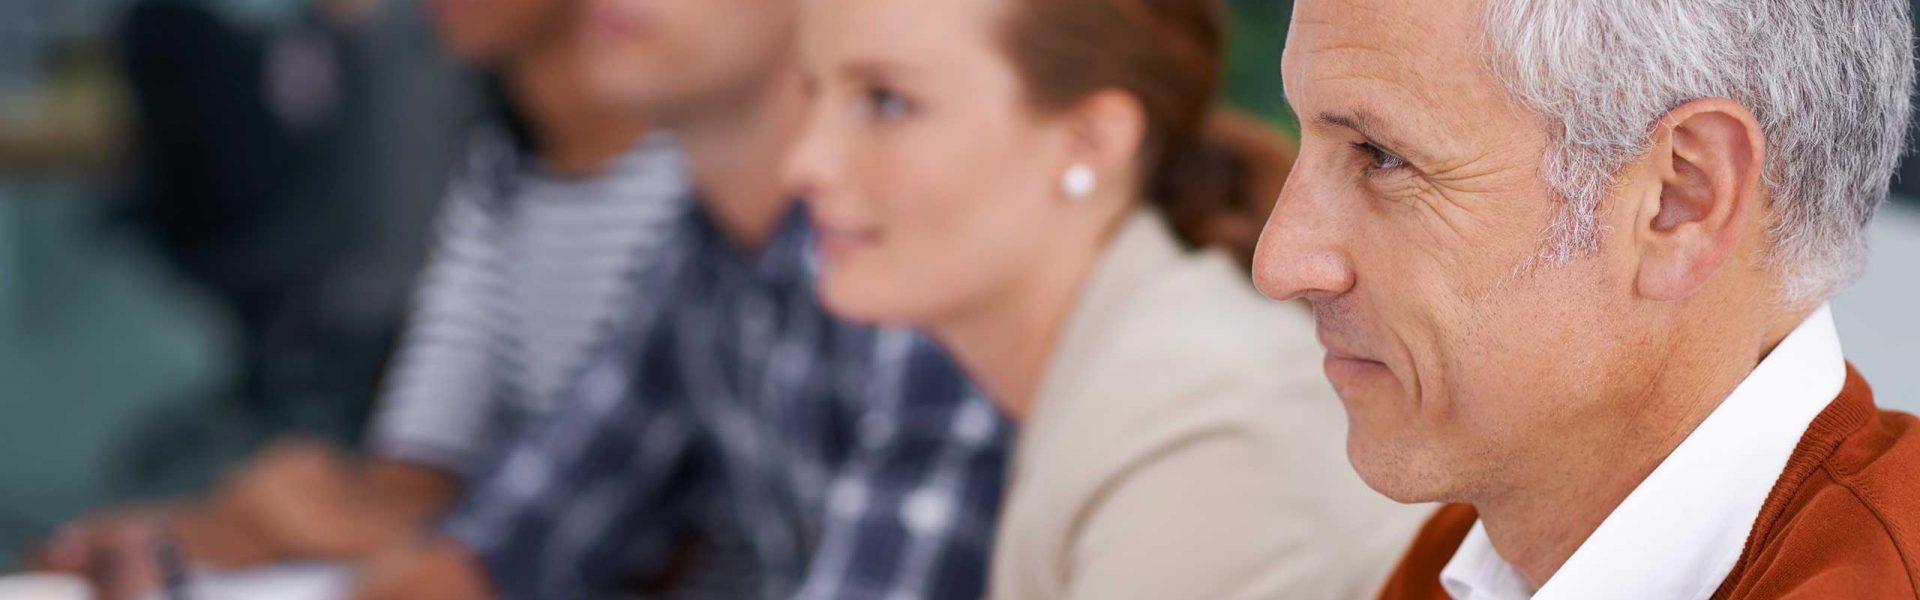 Wir bieten eine Weiterbildung im Bereich Journalismus an. In Seminaren lernen Sie aktuelle Trends und Spezialthemen kennen.